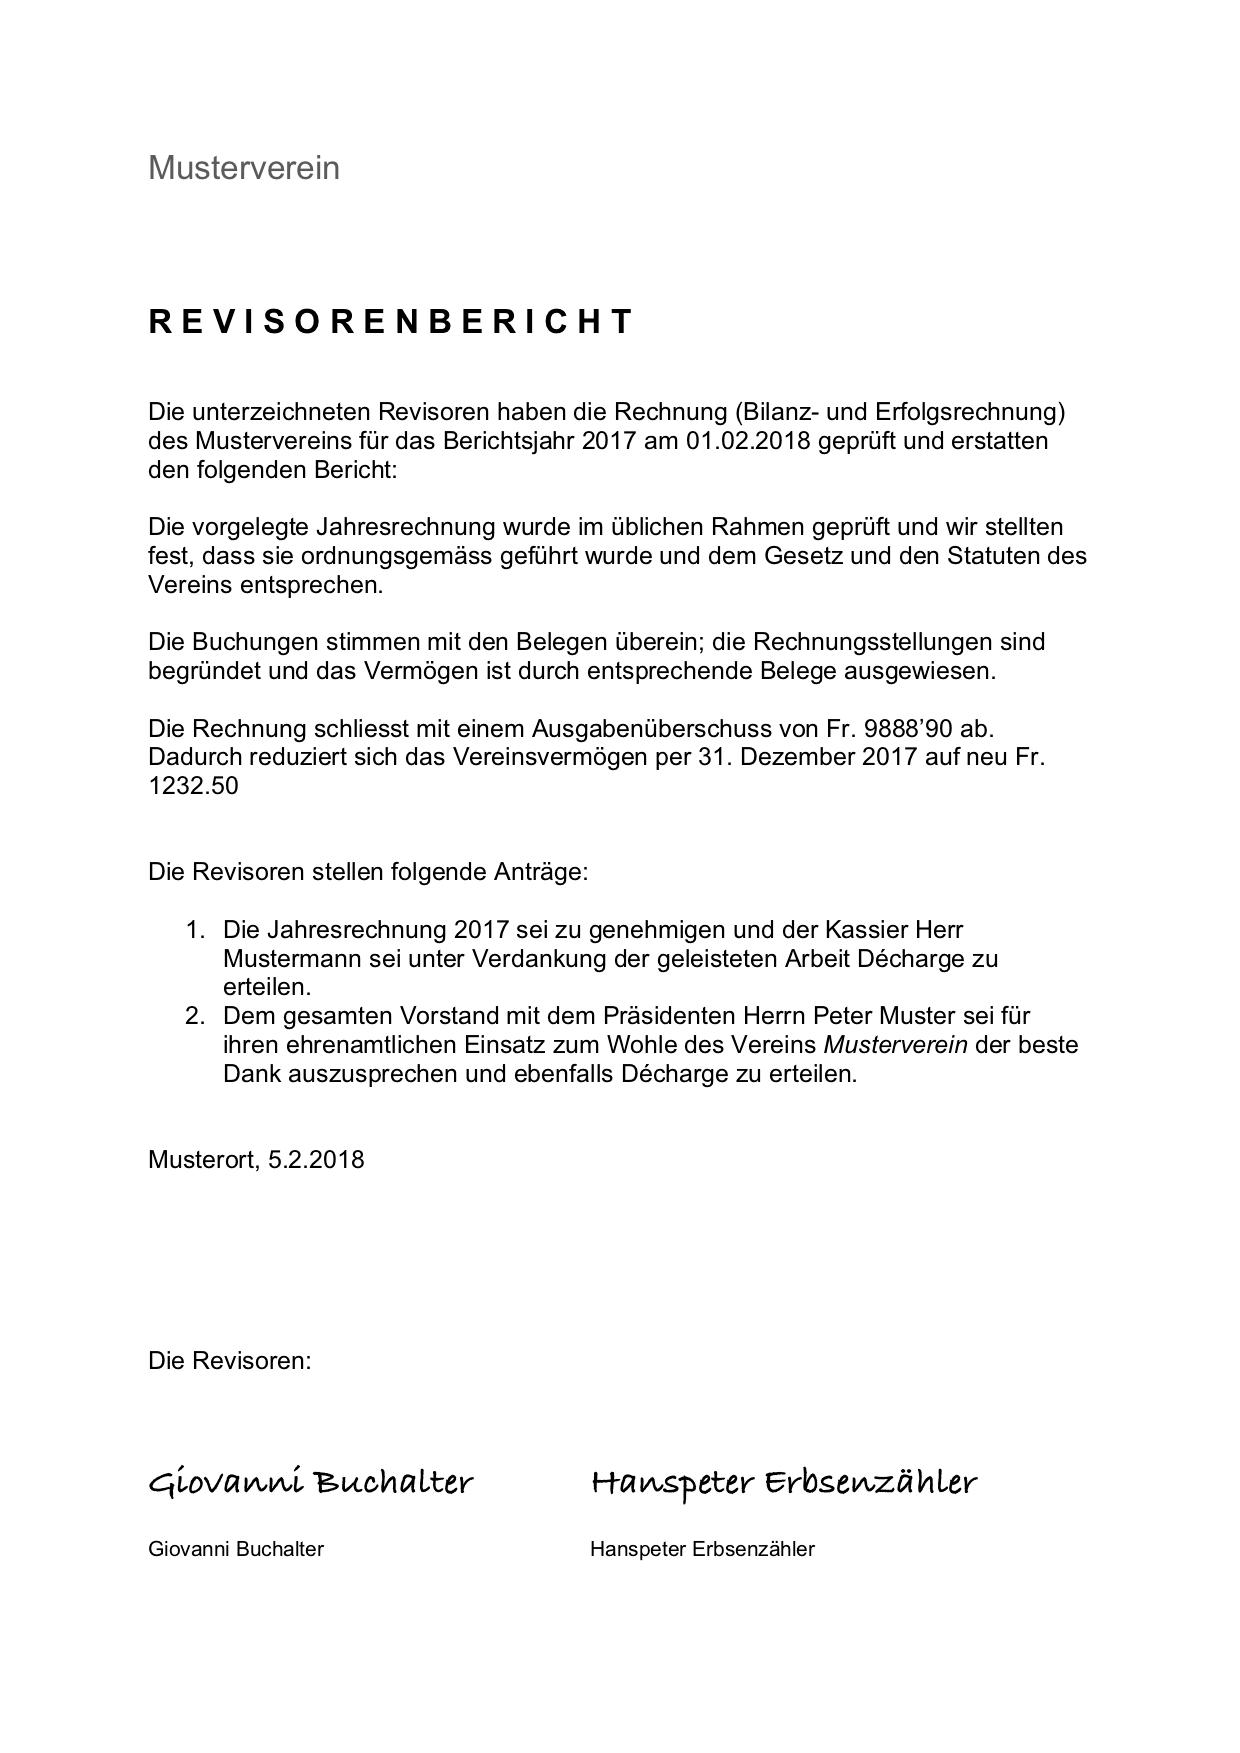 Revisorenbericht Verein Vorlage Kostenlos Downloaden